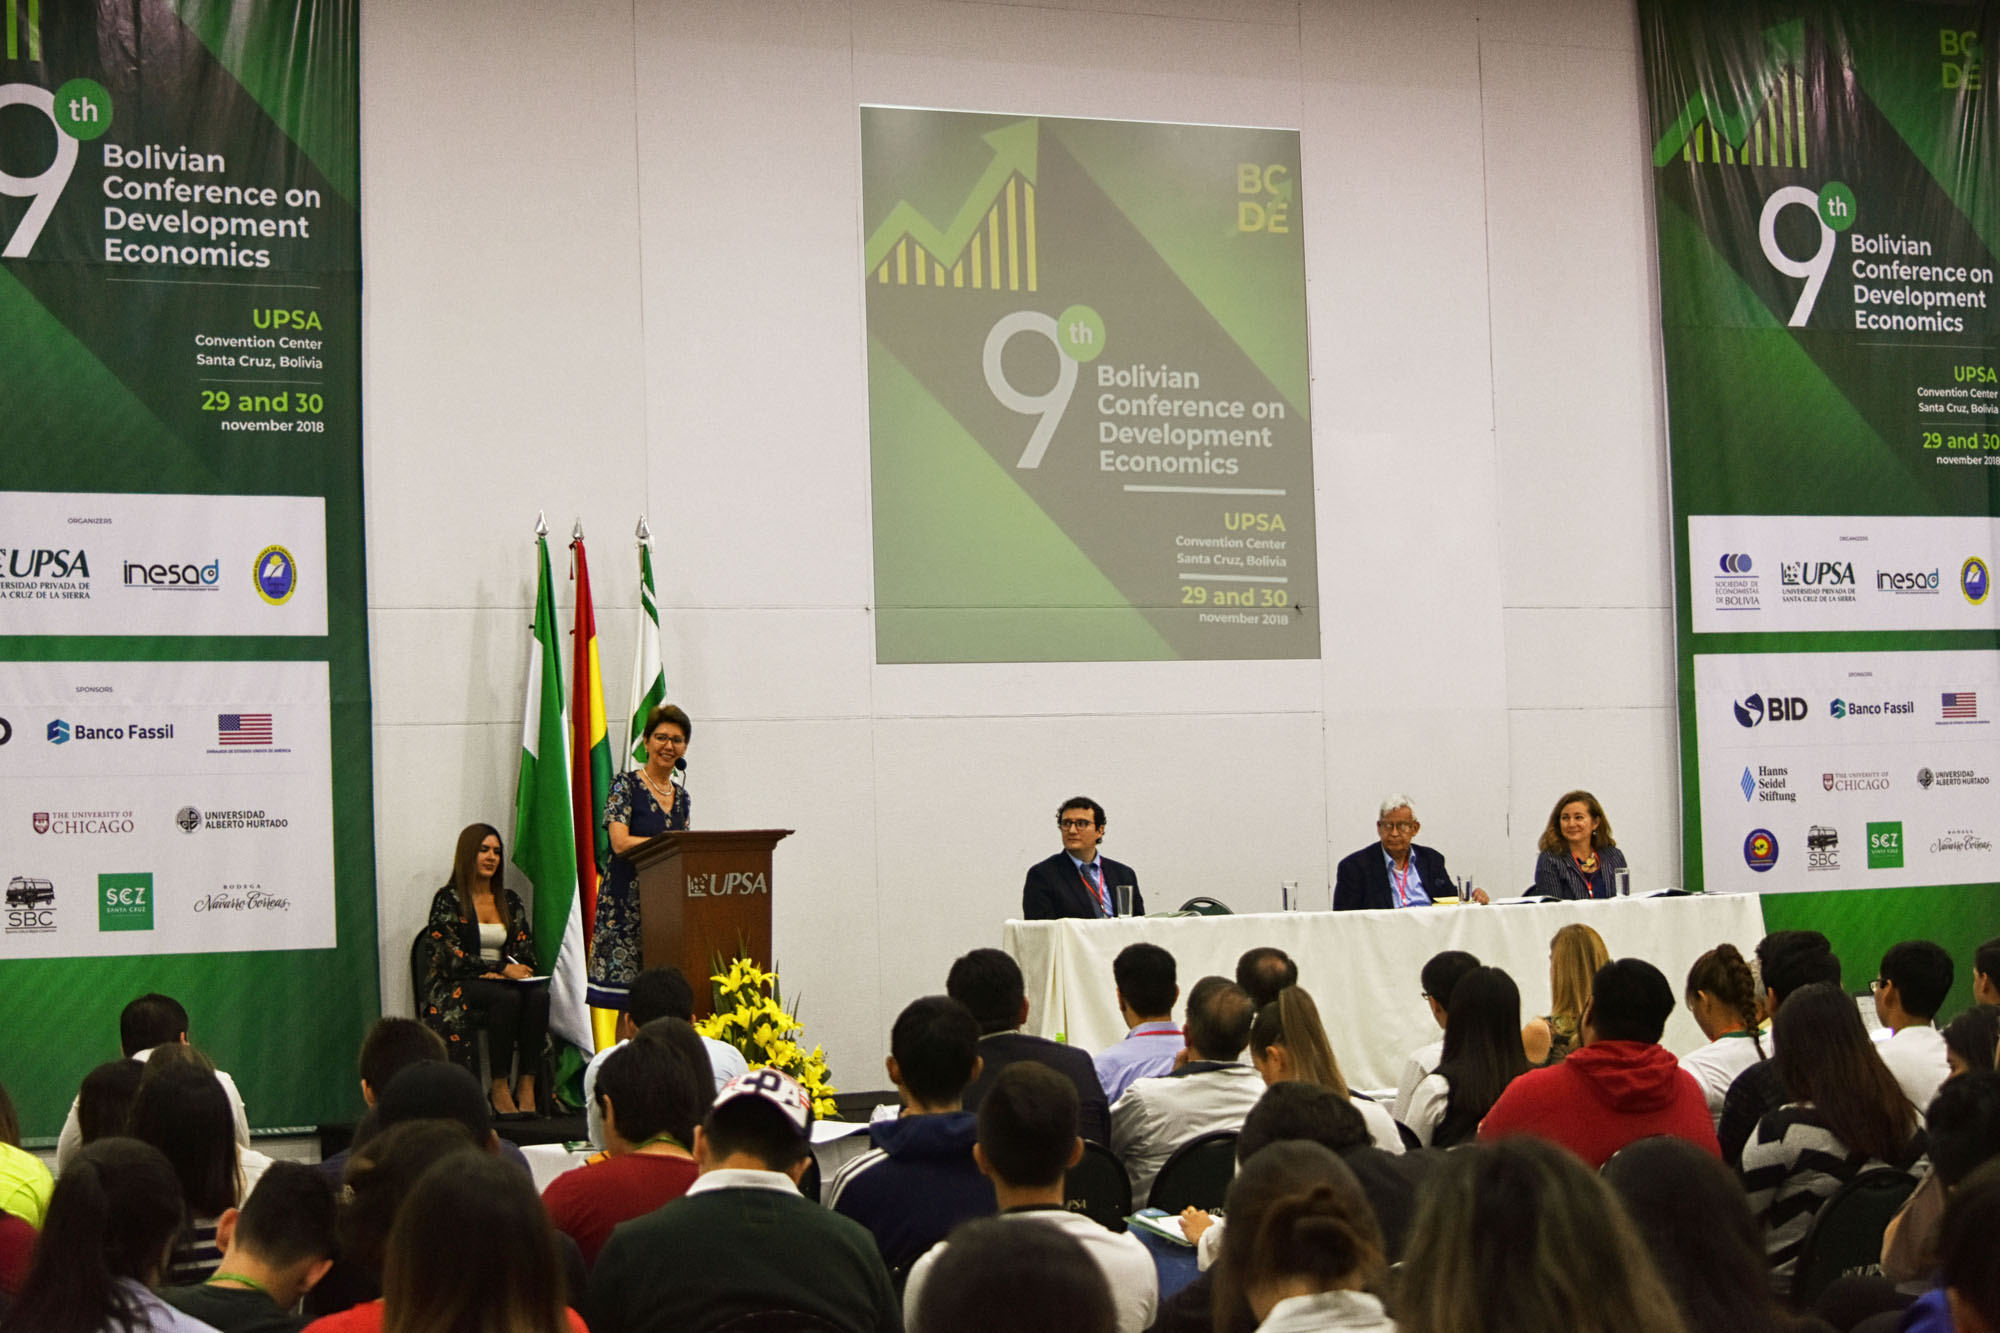 La 9ª Conferencia Boliviana en Desarrollo  Económico se desarrolló en la UPSA